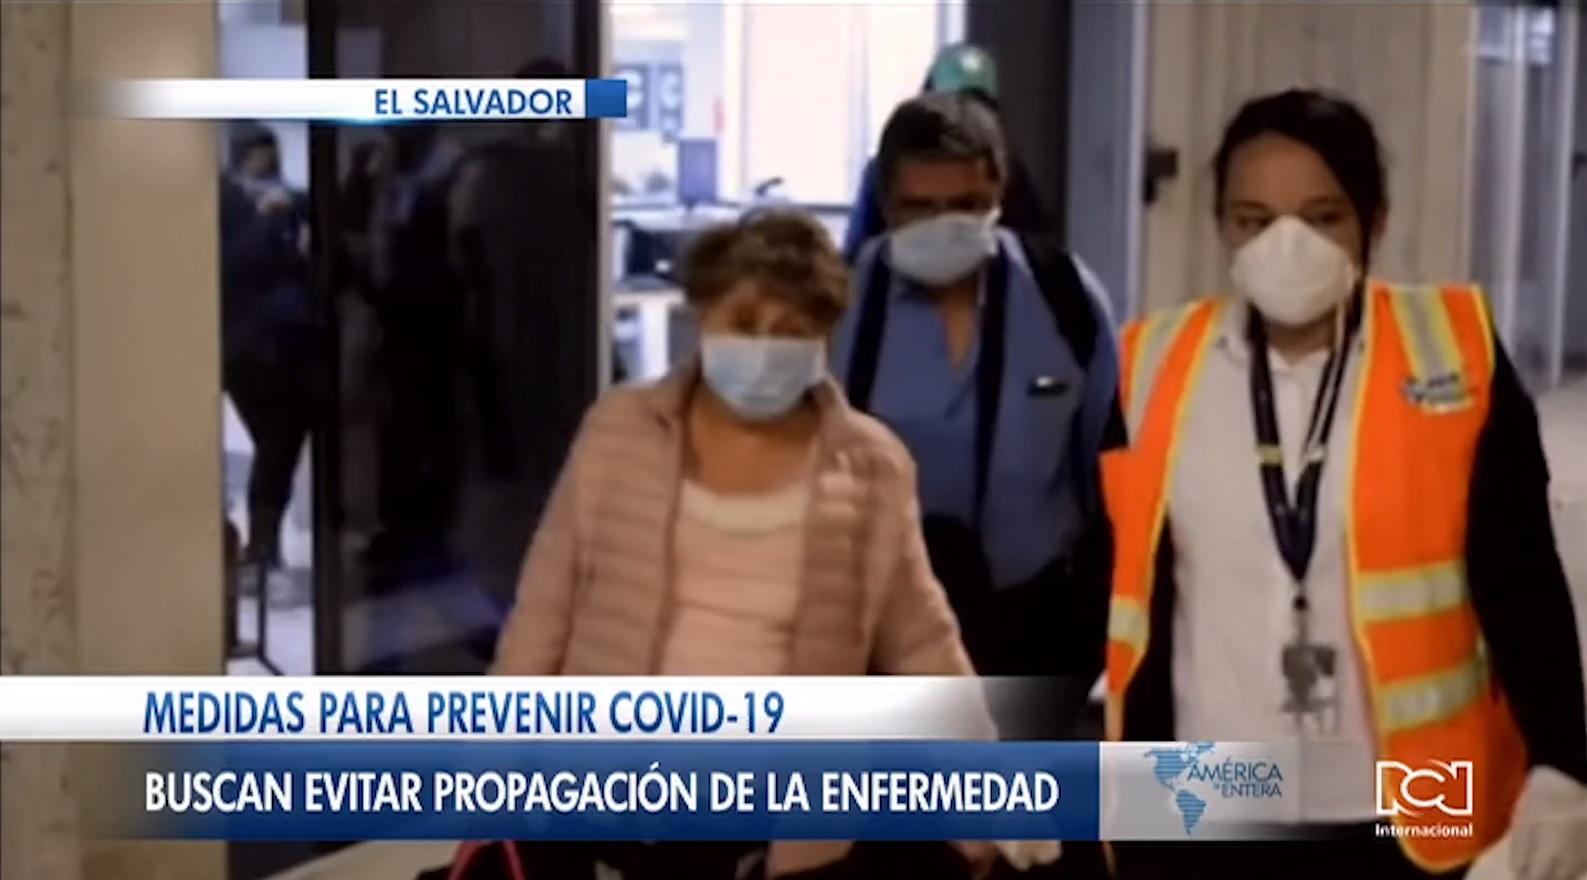 El Salvador prohíbe el ingreso de extranjeros para evitar la llegada del coronavirus al país